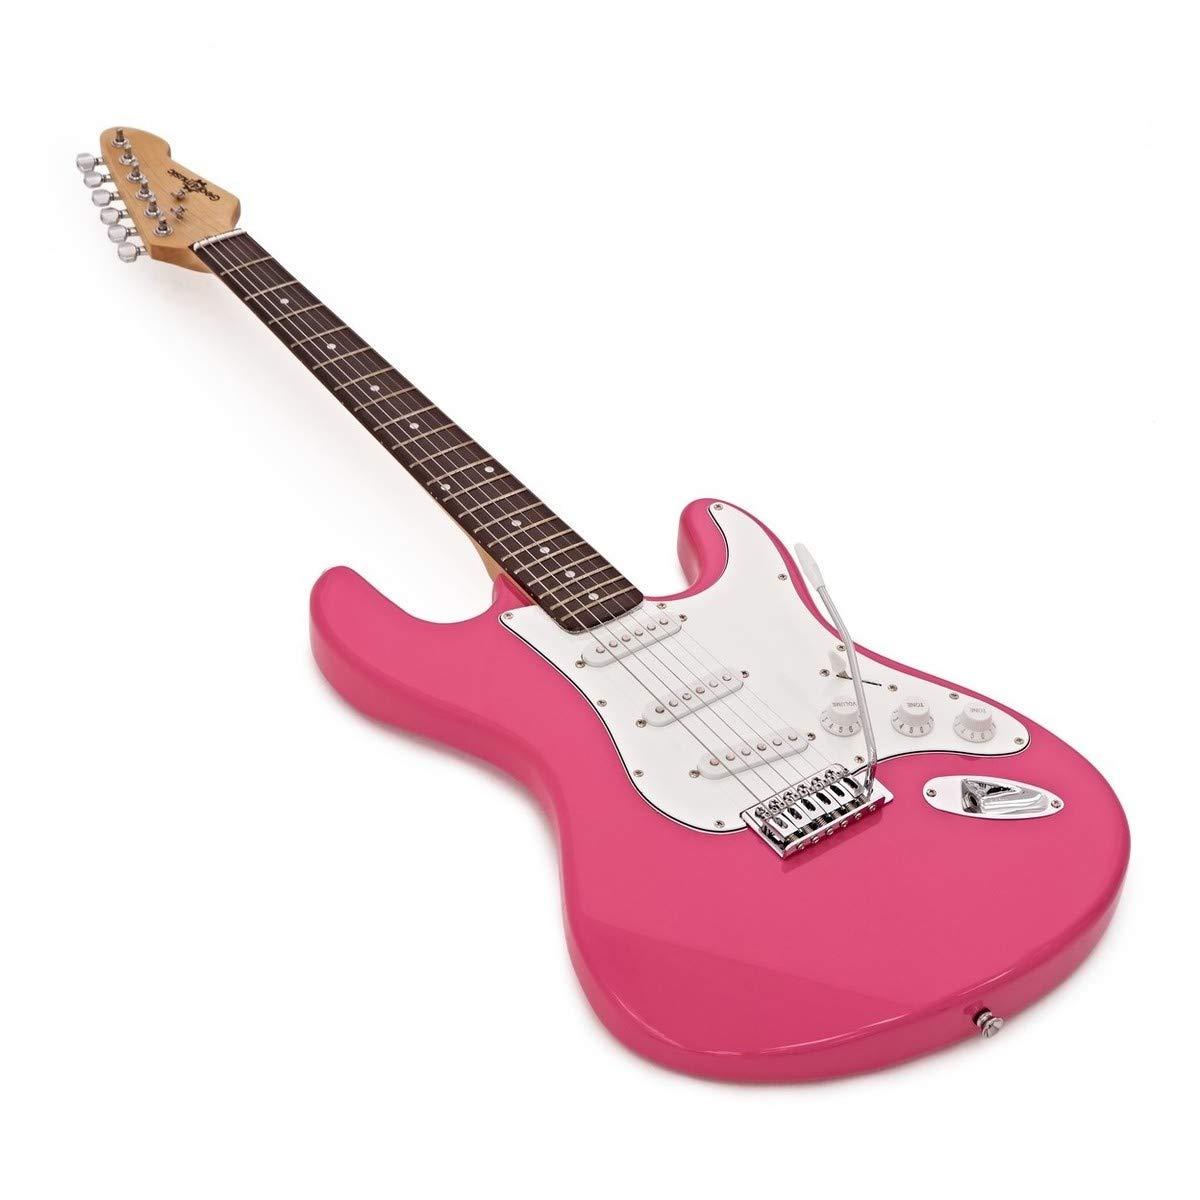 Guitarra Eléctrica LA + Paquete de Amplificador de 10 W Rosa: Amazon.es: Instrumentos musicales